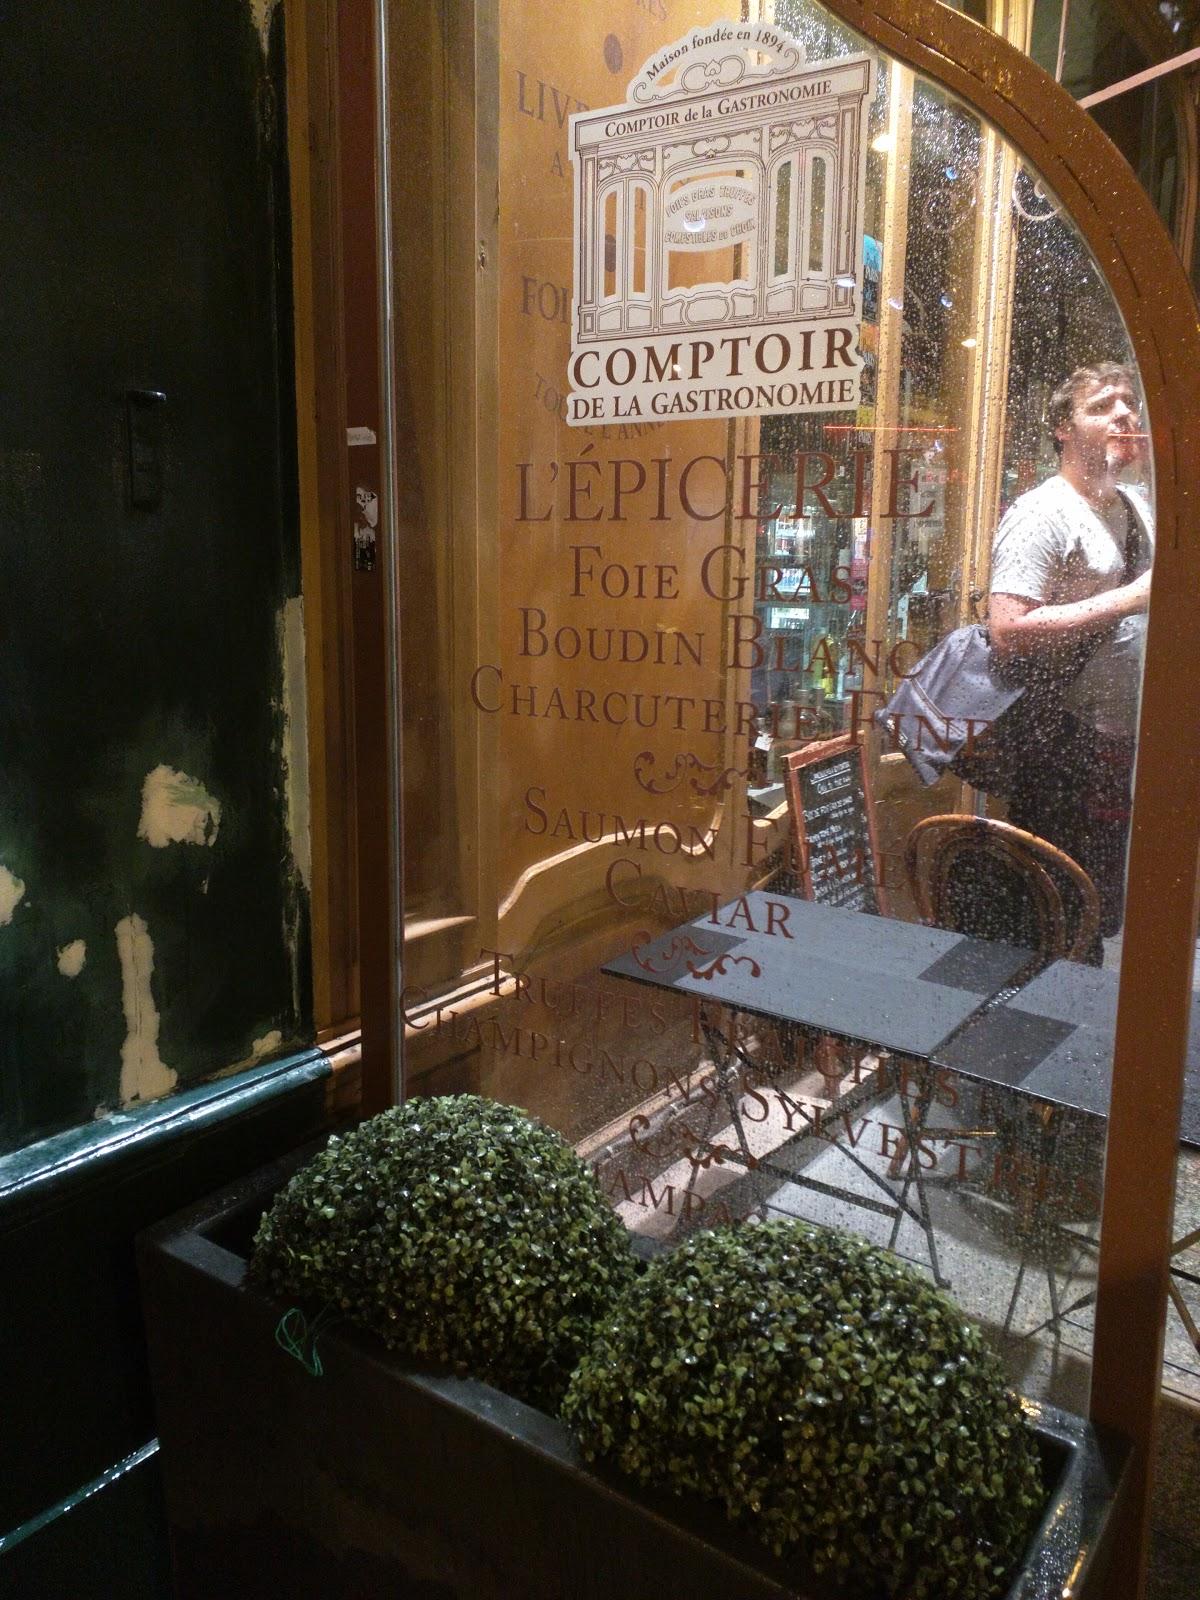 Dinner le comptoir de la gastronomie paris julie 39 s - Comptoir de la gastronomie ...